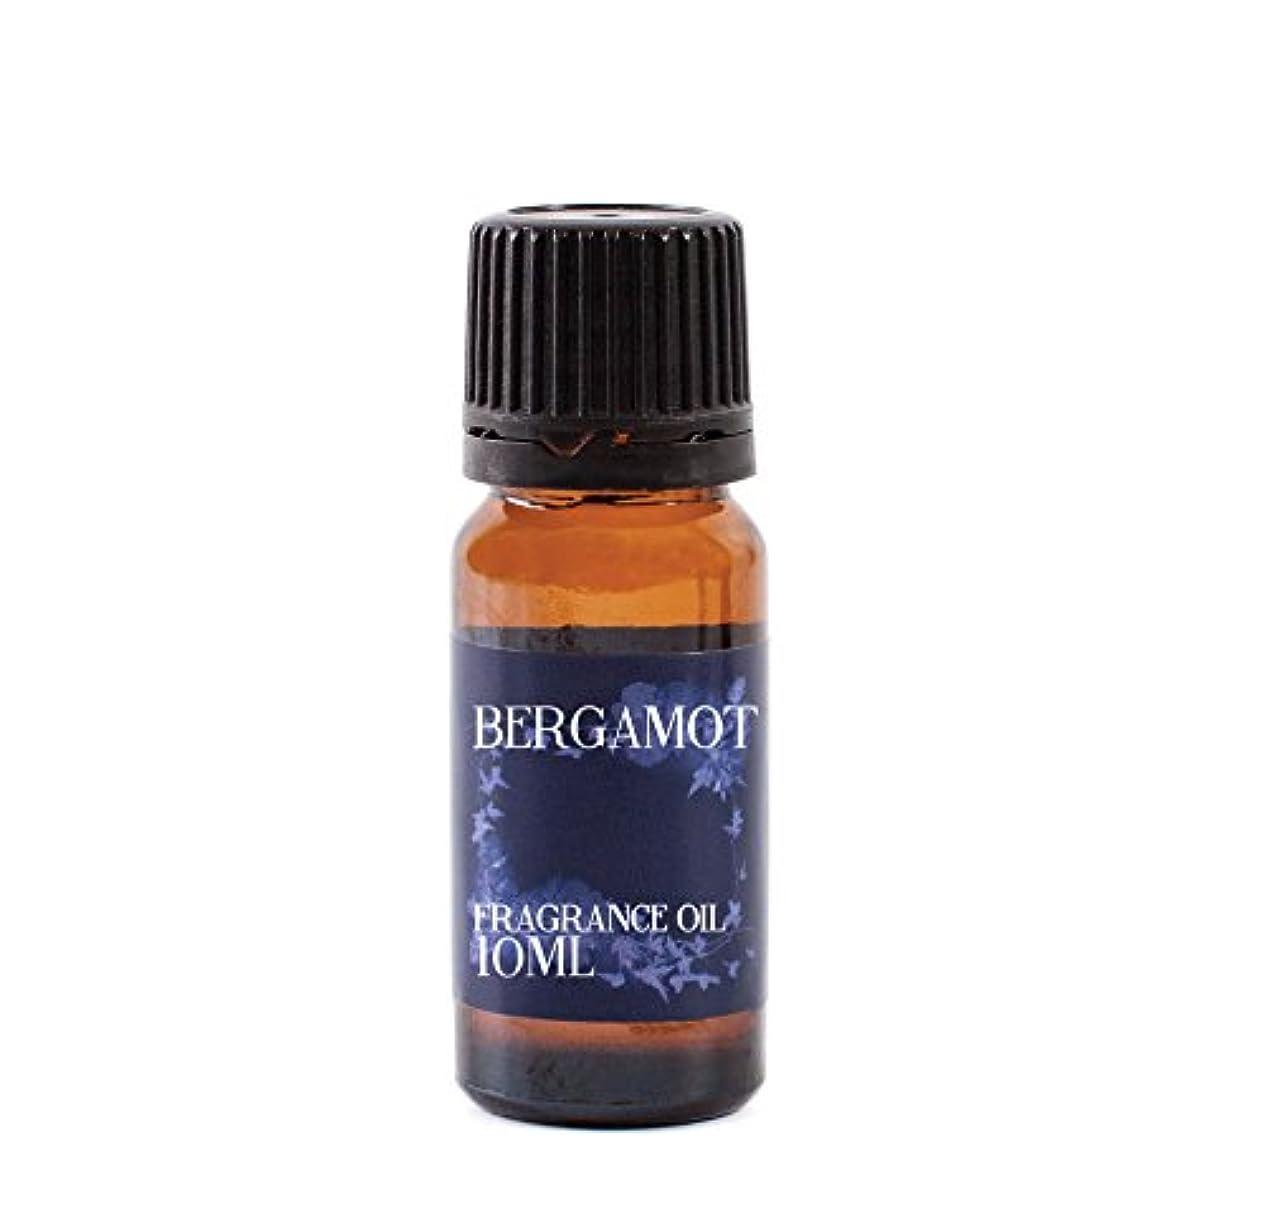 素晴らしい純粋な条件付きMystic Moments   Bergamot Fragrance Oil - 10ml